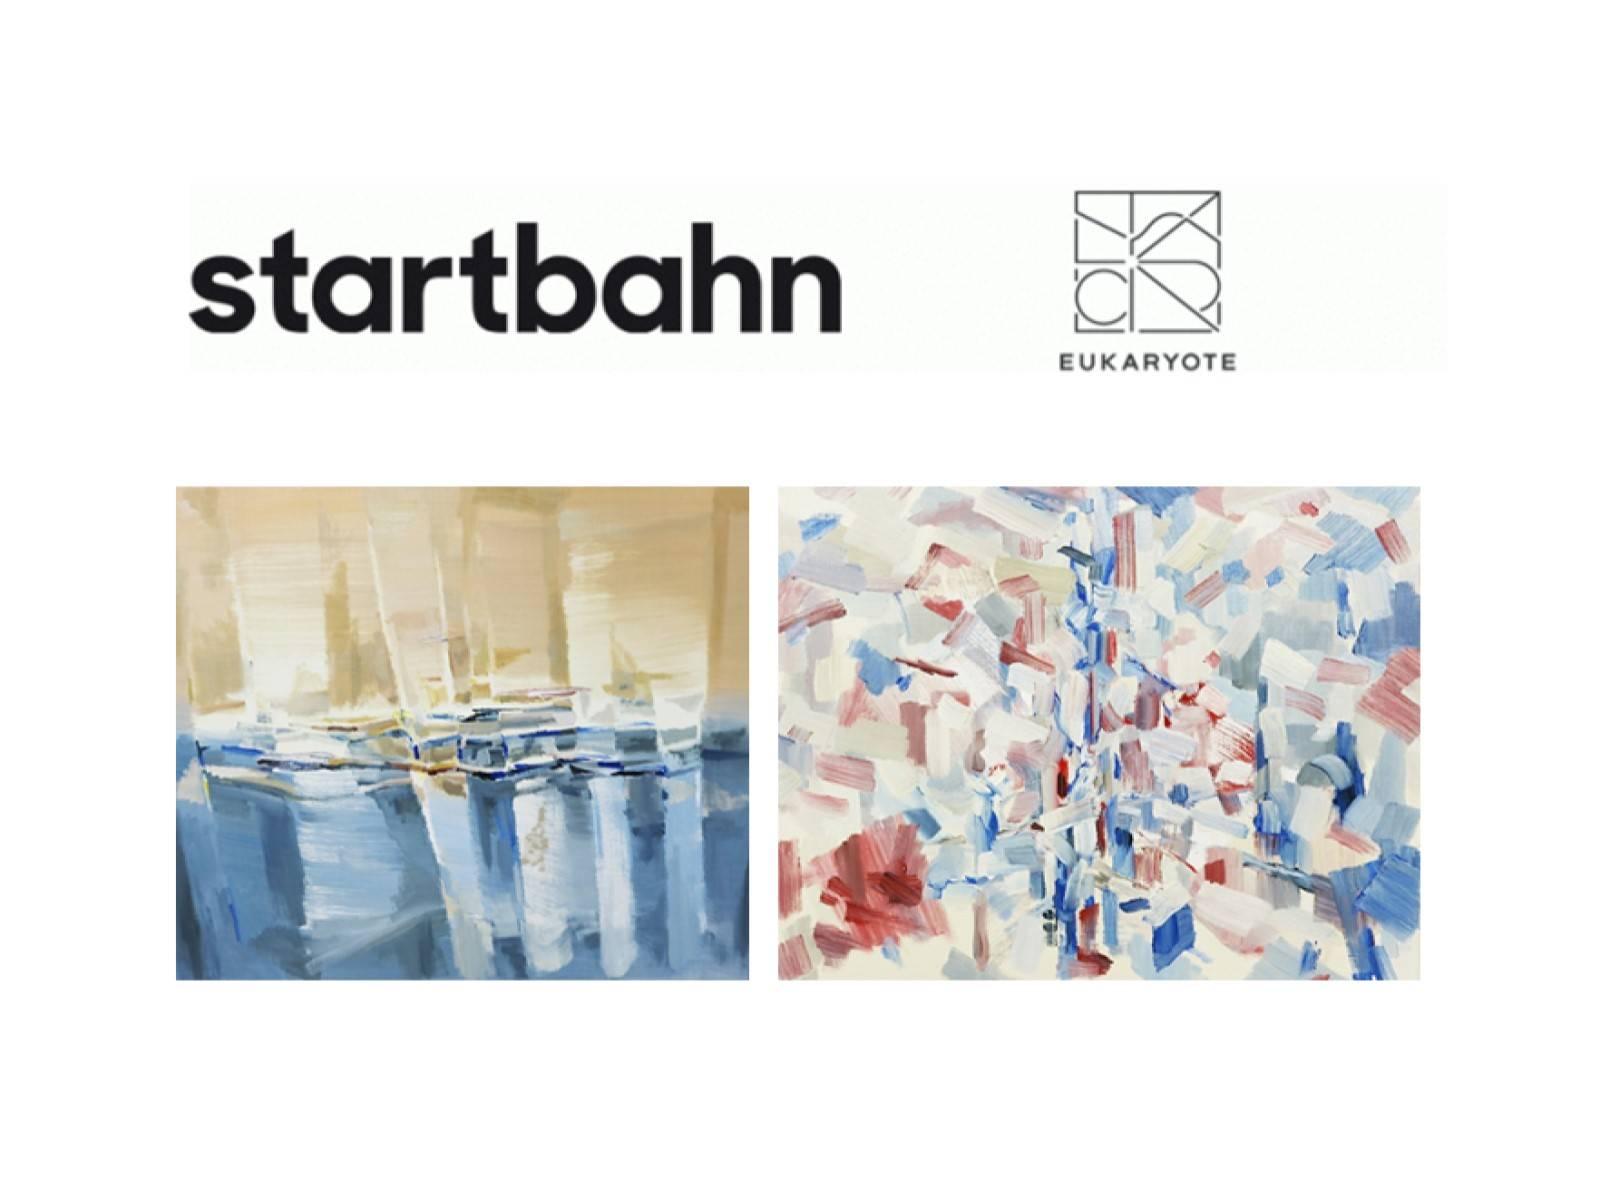 [プレスリリース]スタートバーンとEUKARYOTE(ユーカリオ)、国内若手アーティストの発掘・支援プロジェクトで提携